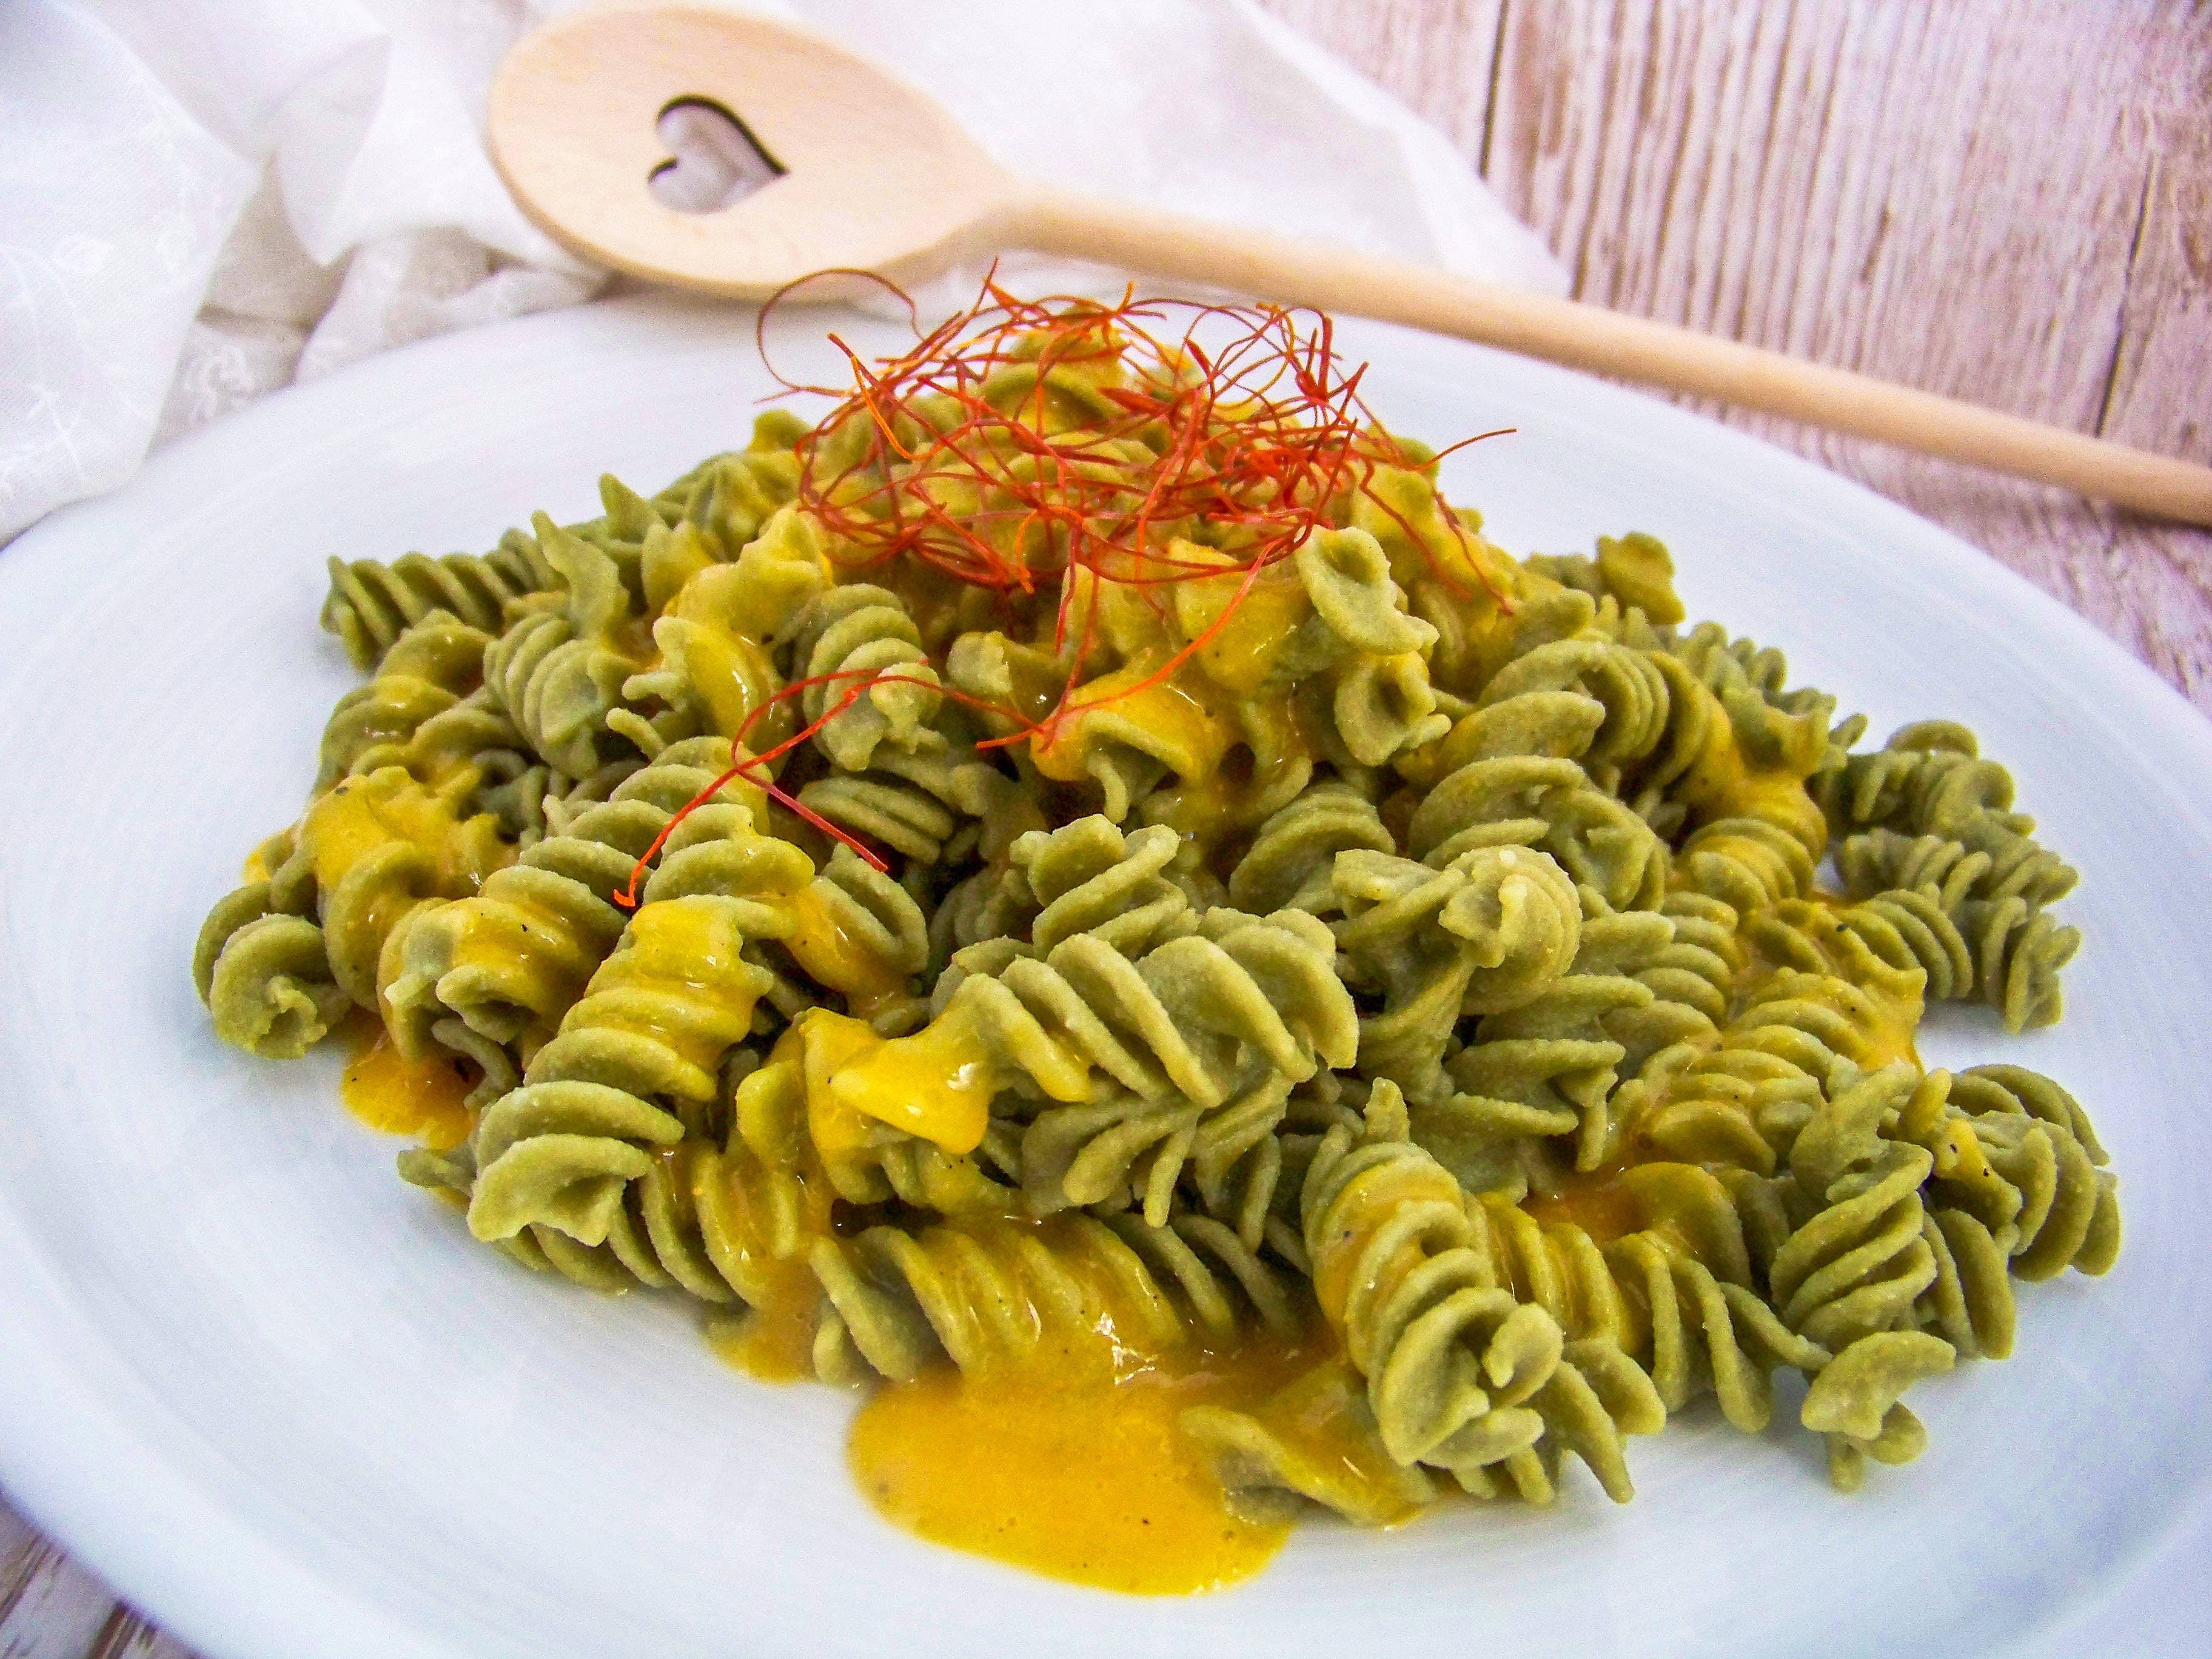 Exotisches Pastarezept. Scharfe_Mangosauce_zu_Fussilli mit Herzkochlöffel und Chlorella Nudeln